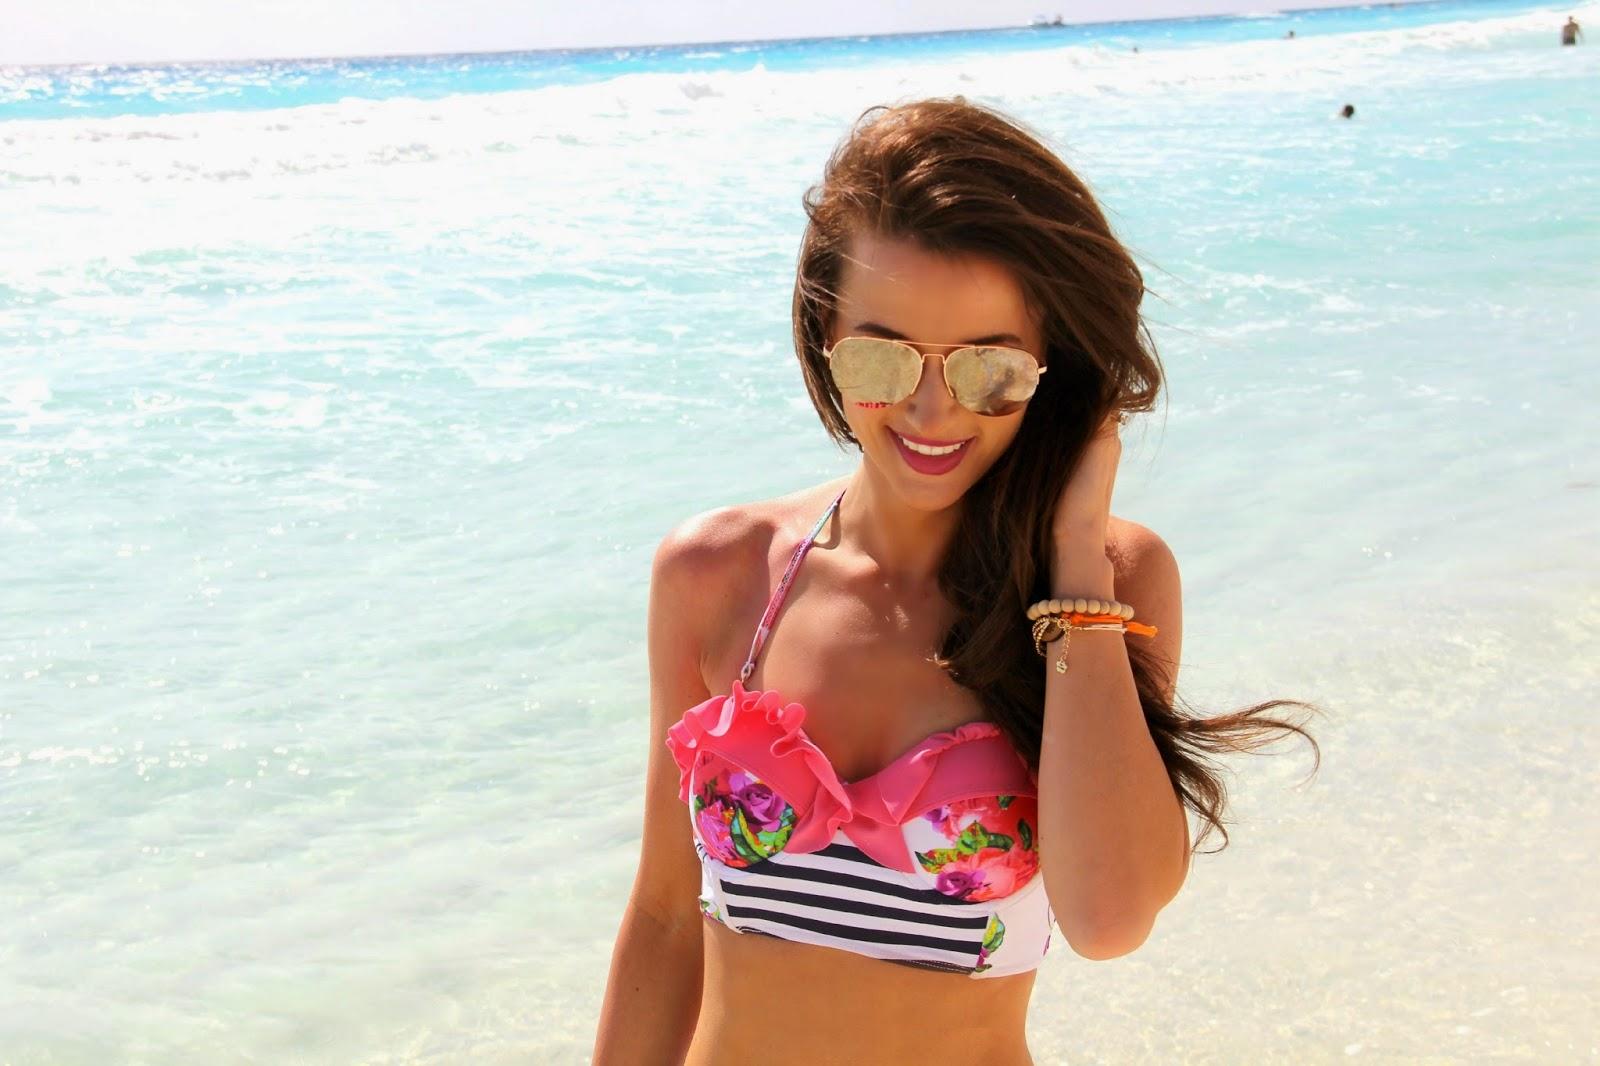 cb3ba1ca78490 Hello Cancun featuring Kini Swimwear - Kiss Me Darling